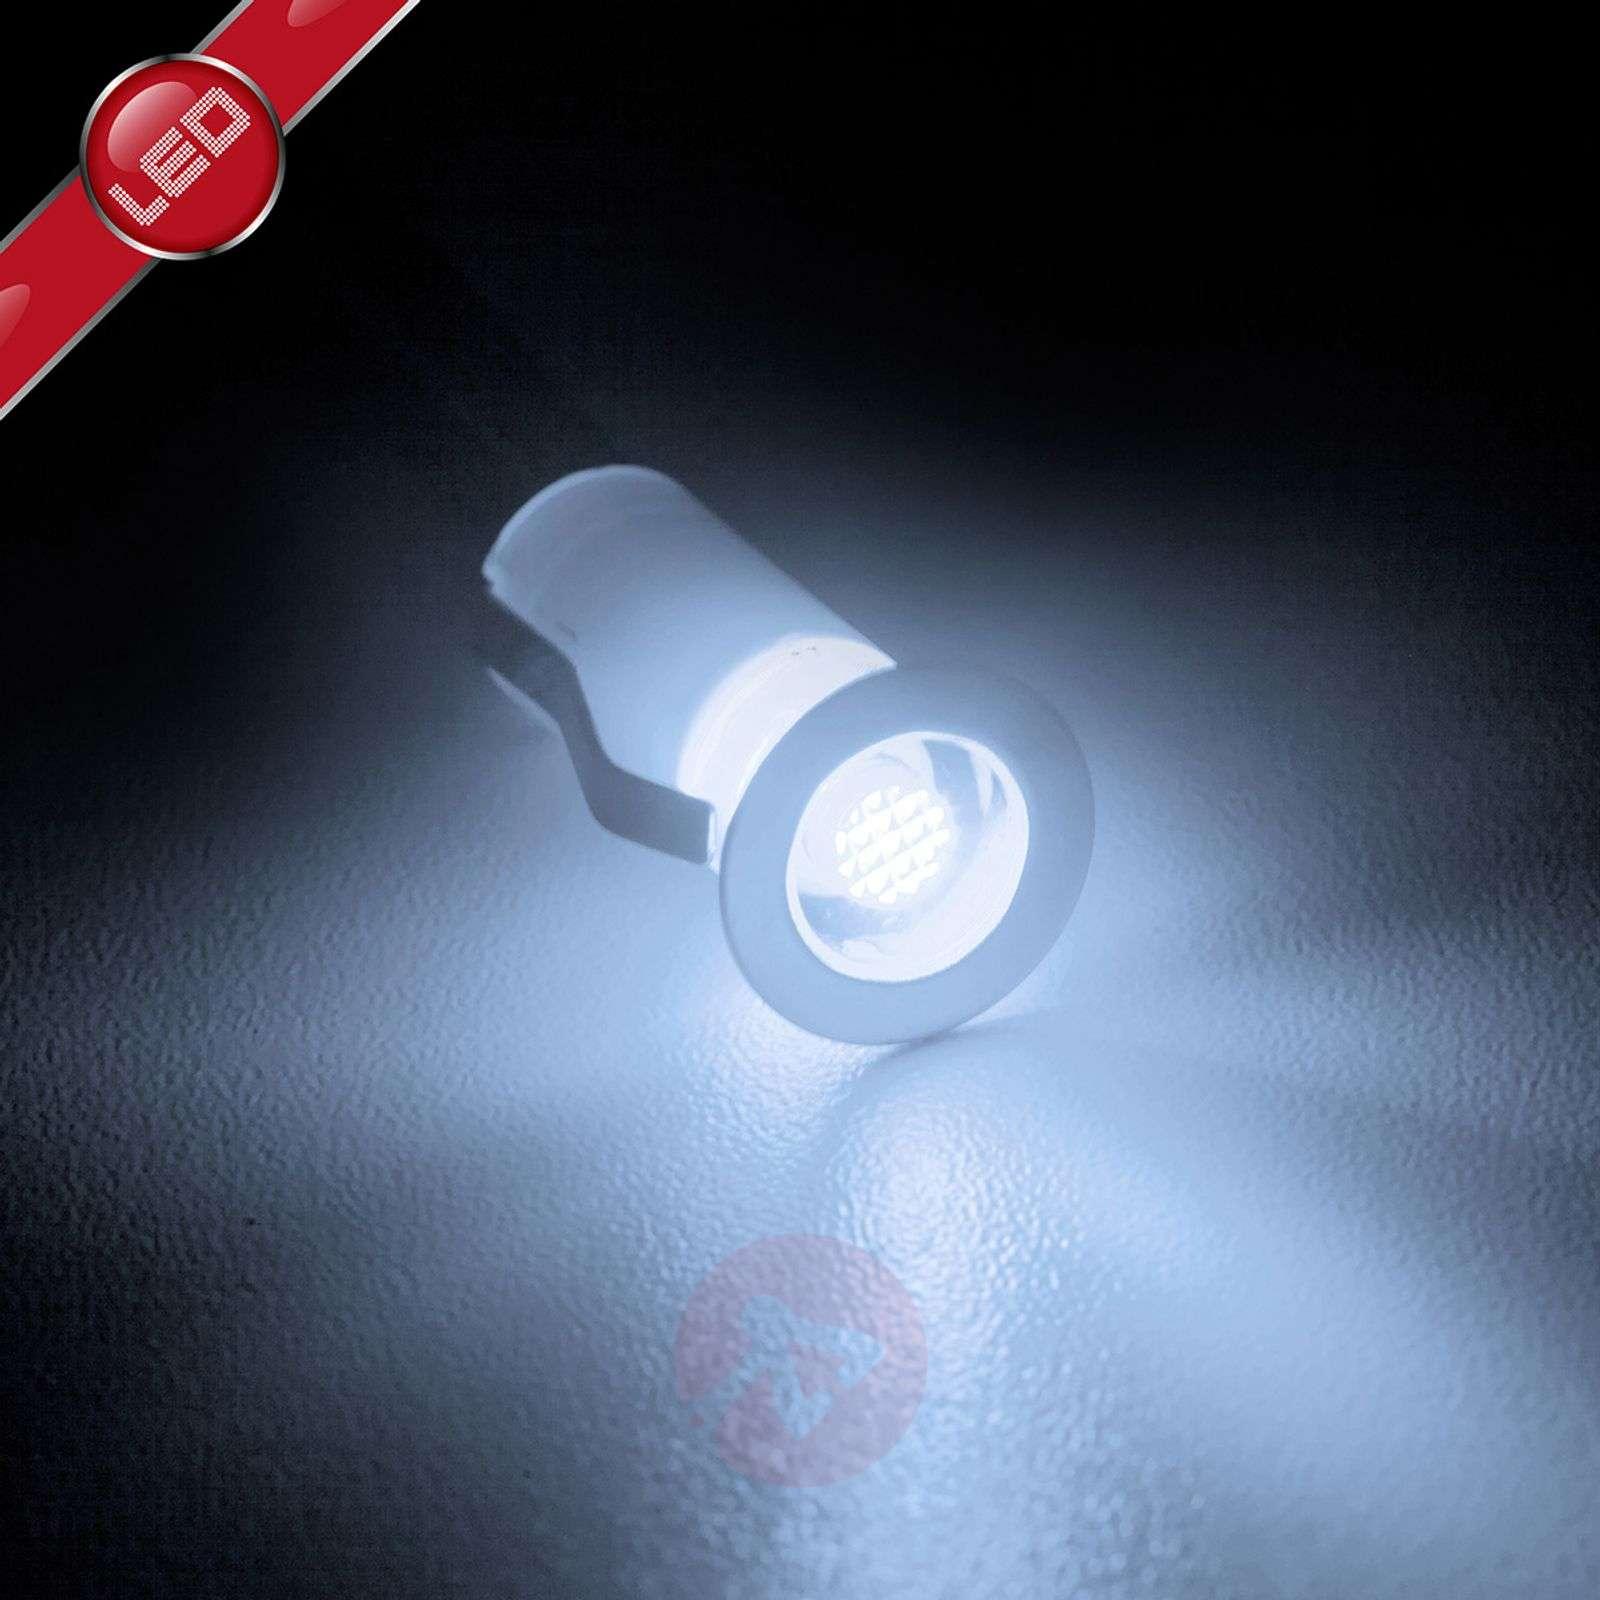 Cosa-LED-uppovalaisin 1,5 cm 10 kpl perusvalkoinen-1507141-01